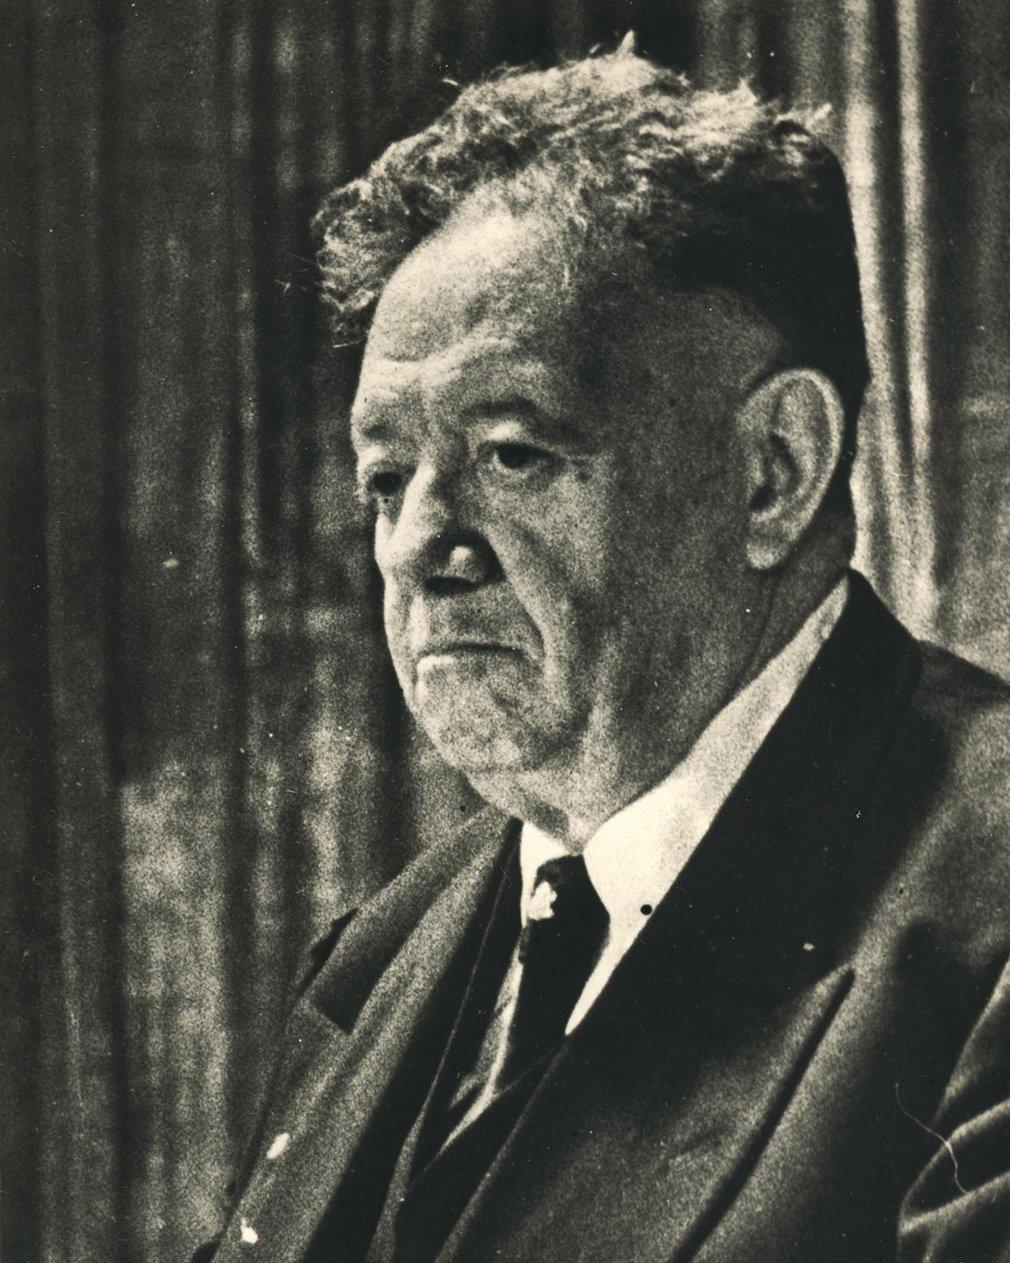 Диего Ривера в Москве. 1950-е годы. Из коллекции Государственного музея В.В. Маяковского